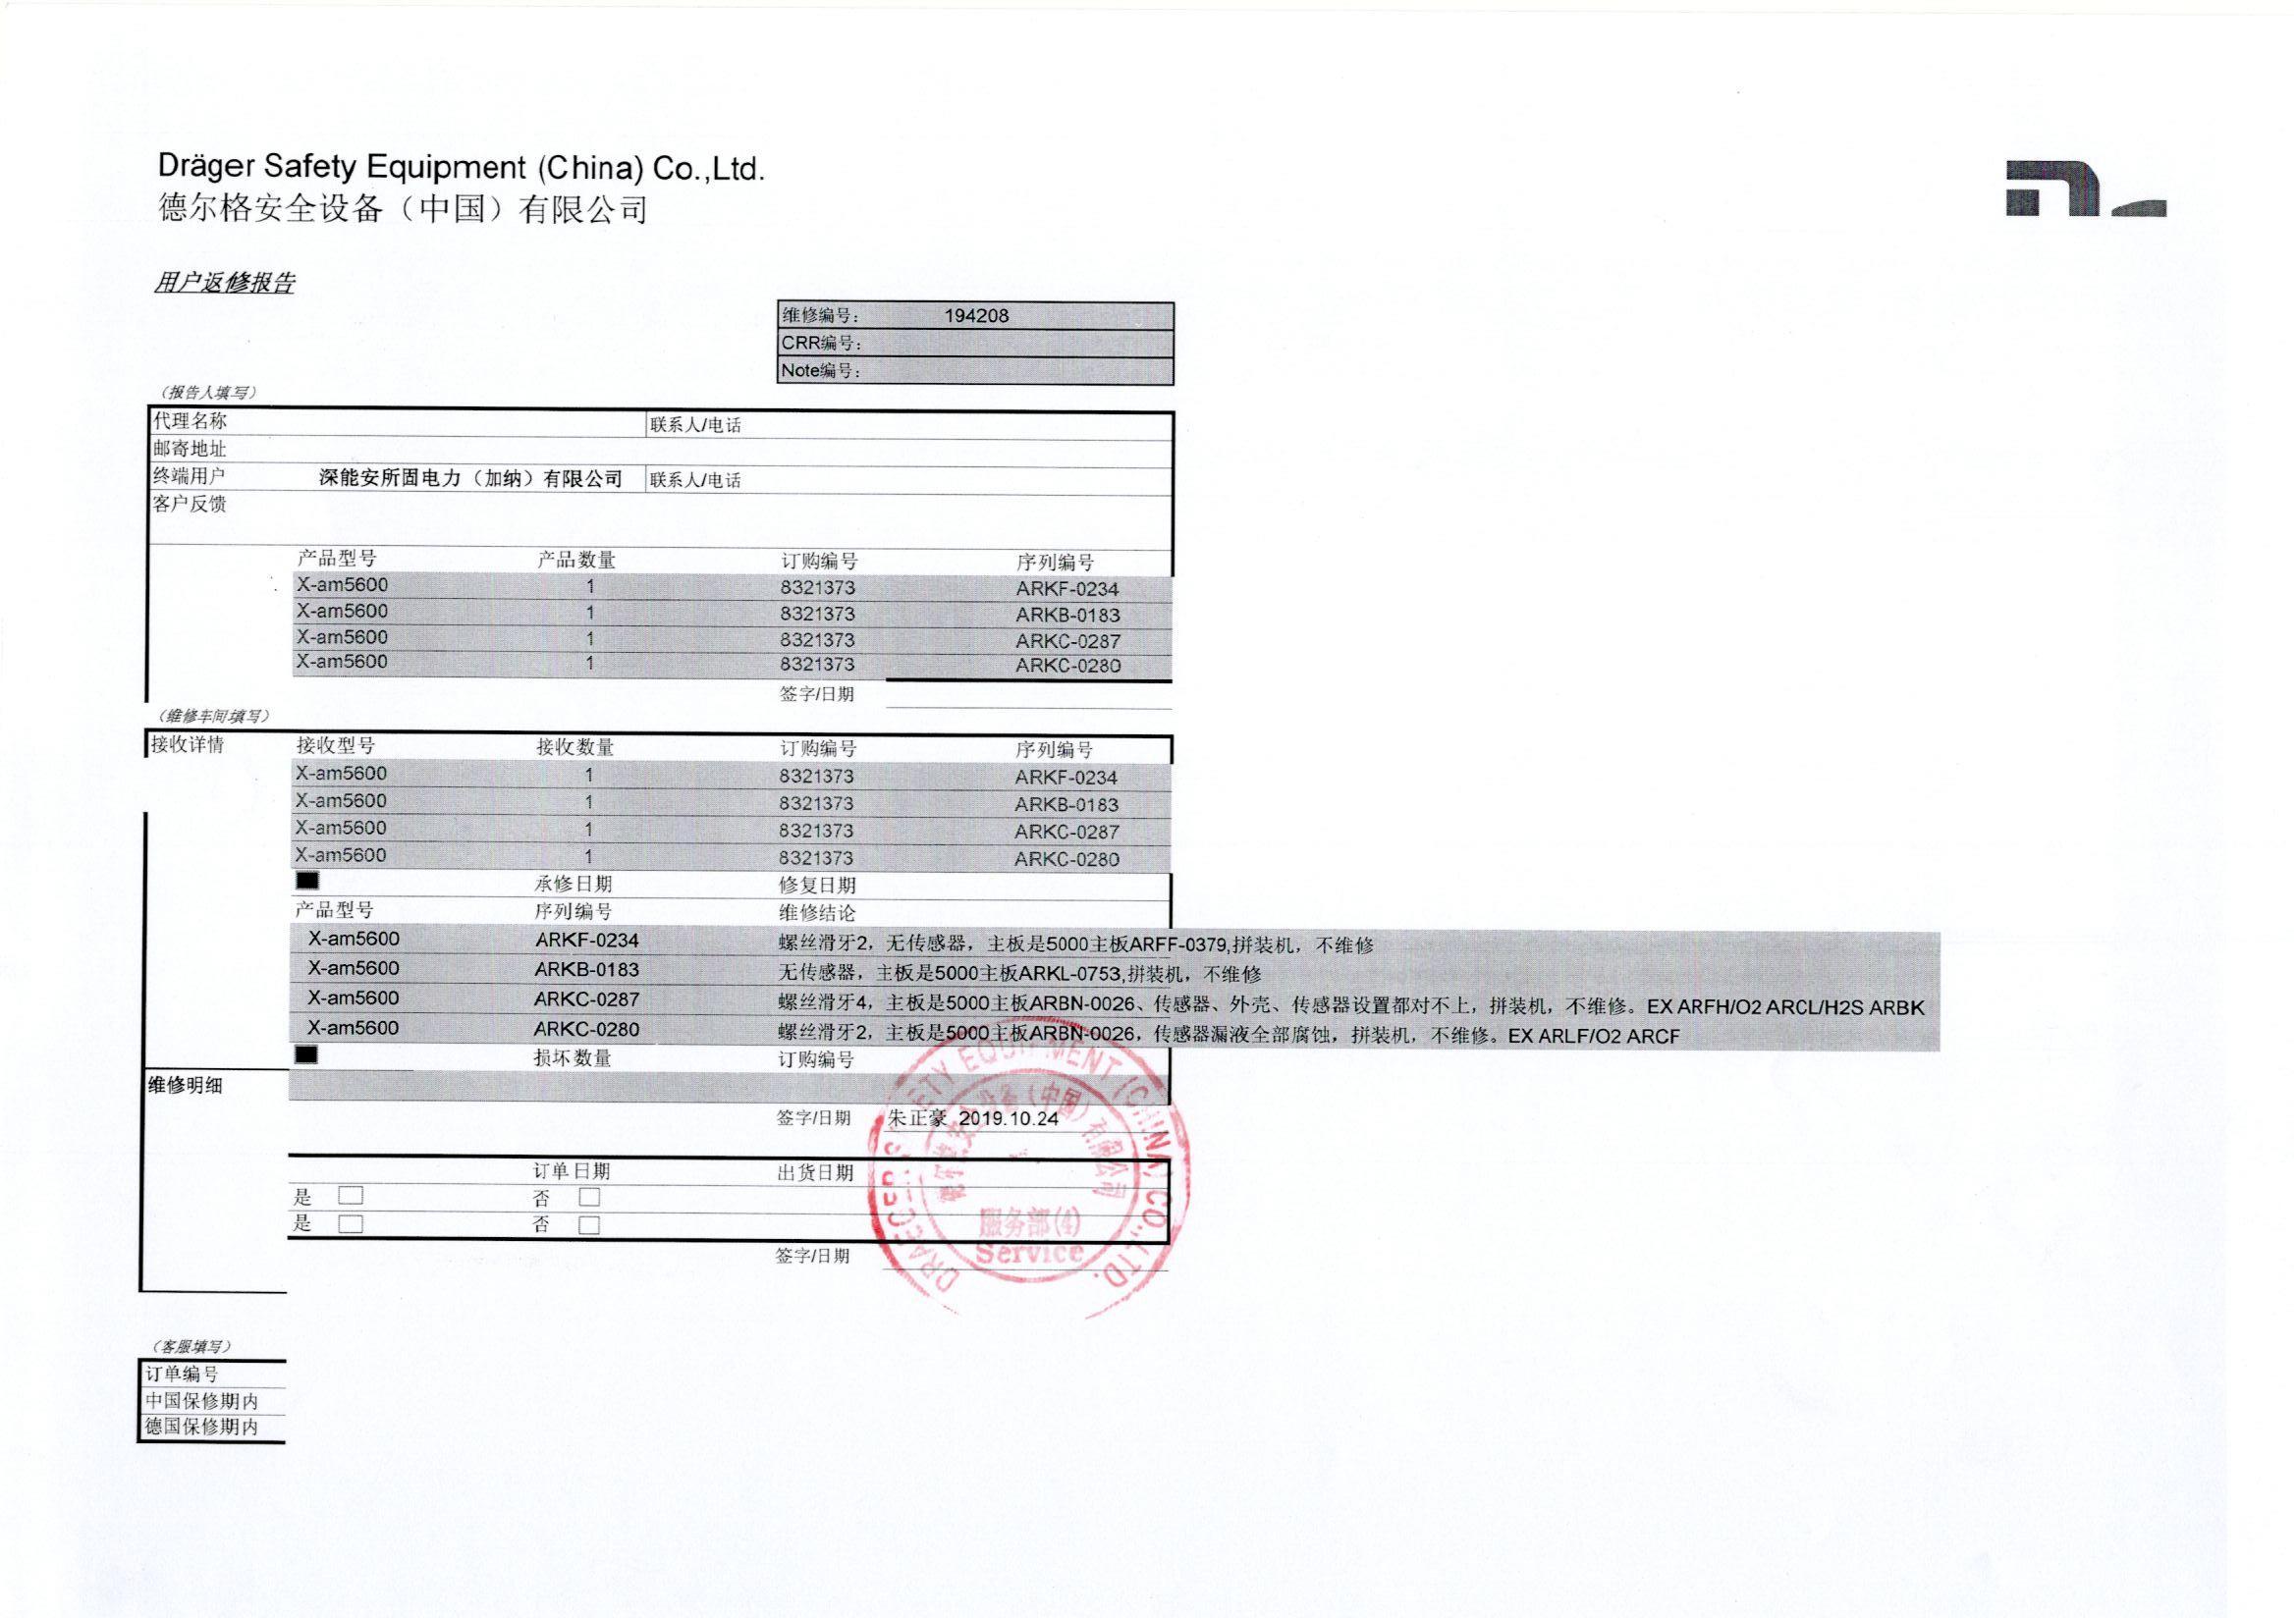 德尔格气体检测仪维修鉴定报告